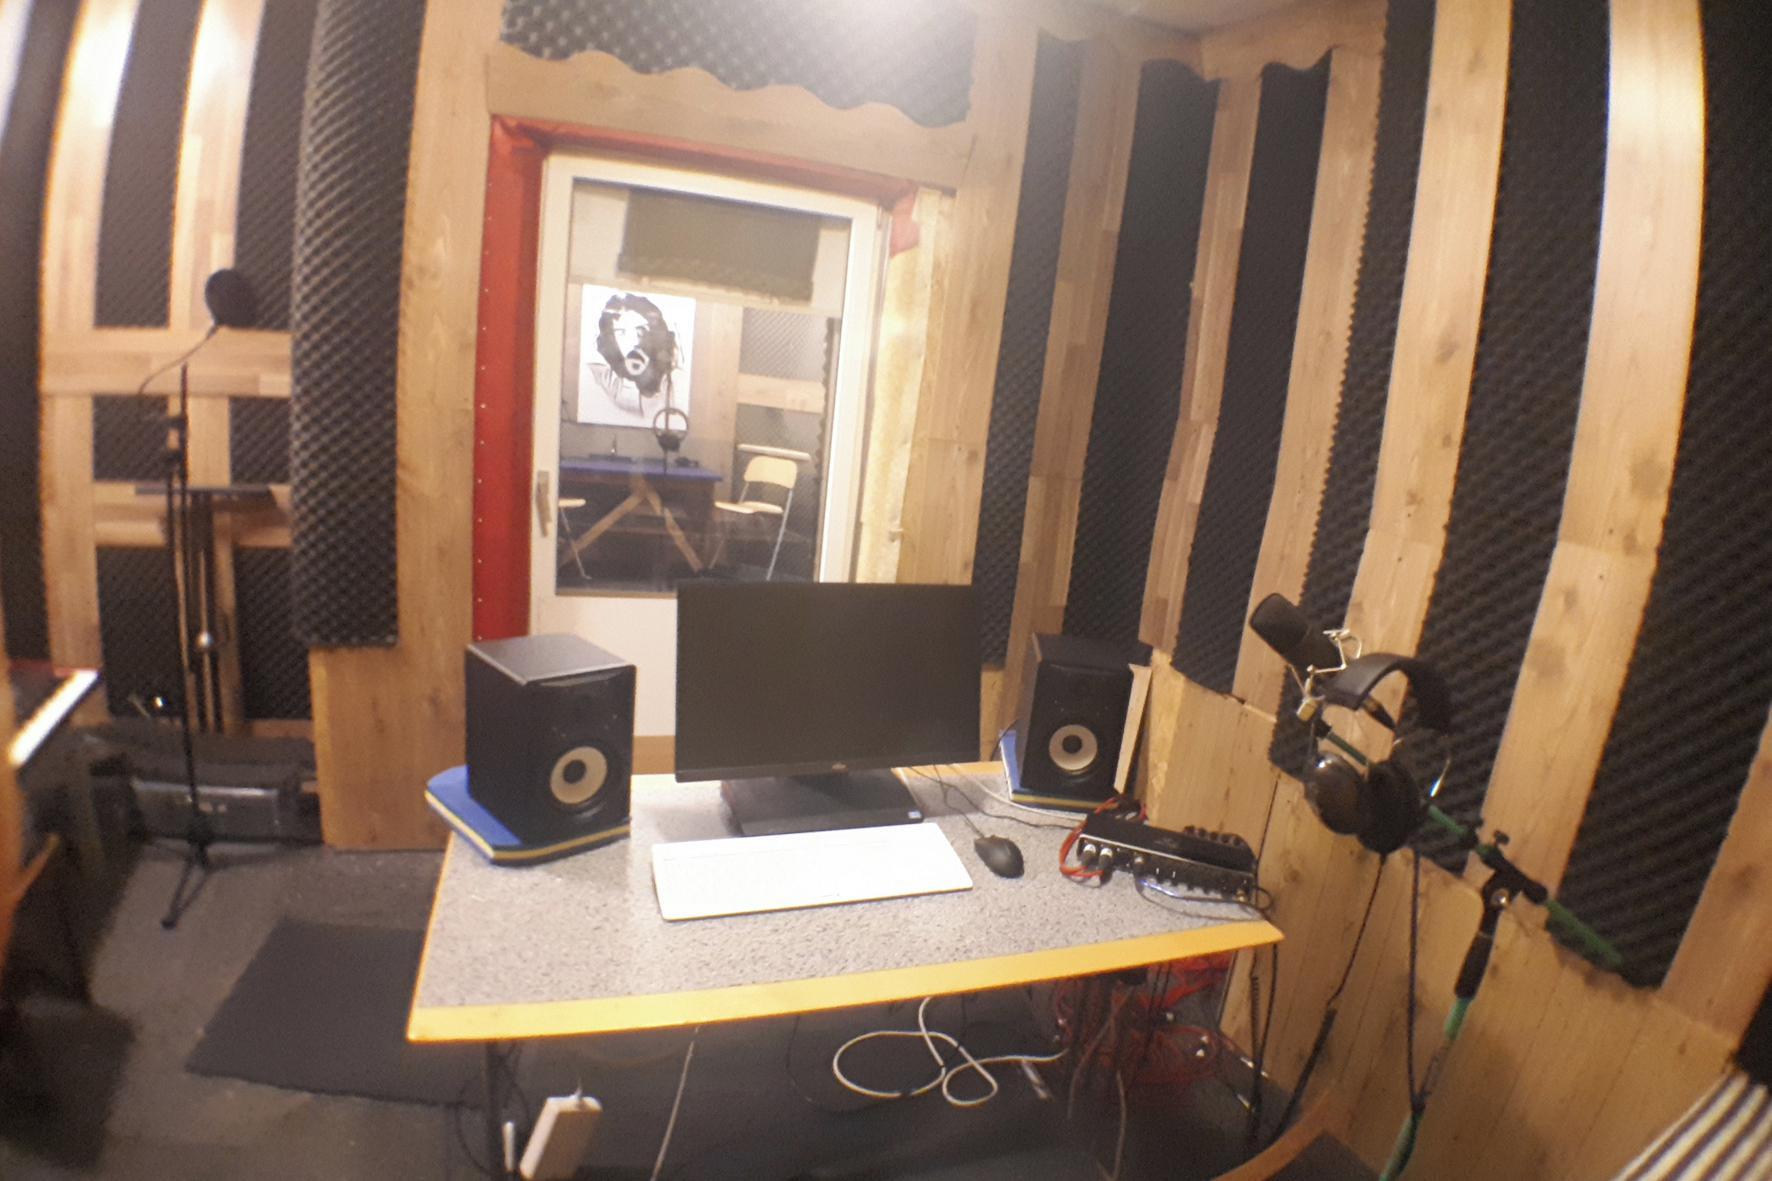 Berlin Tonstudio Tonstudio P3 Mini Studio image 4